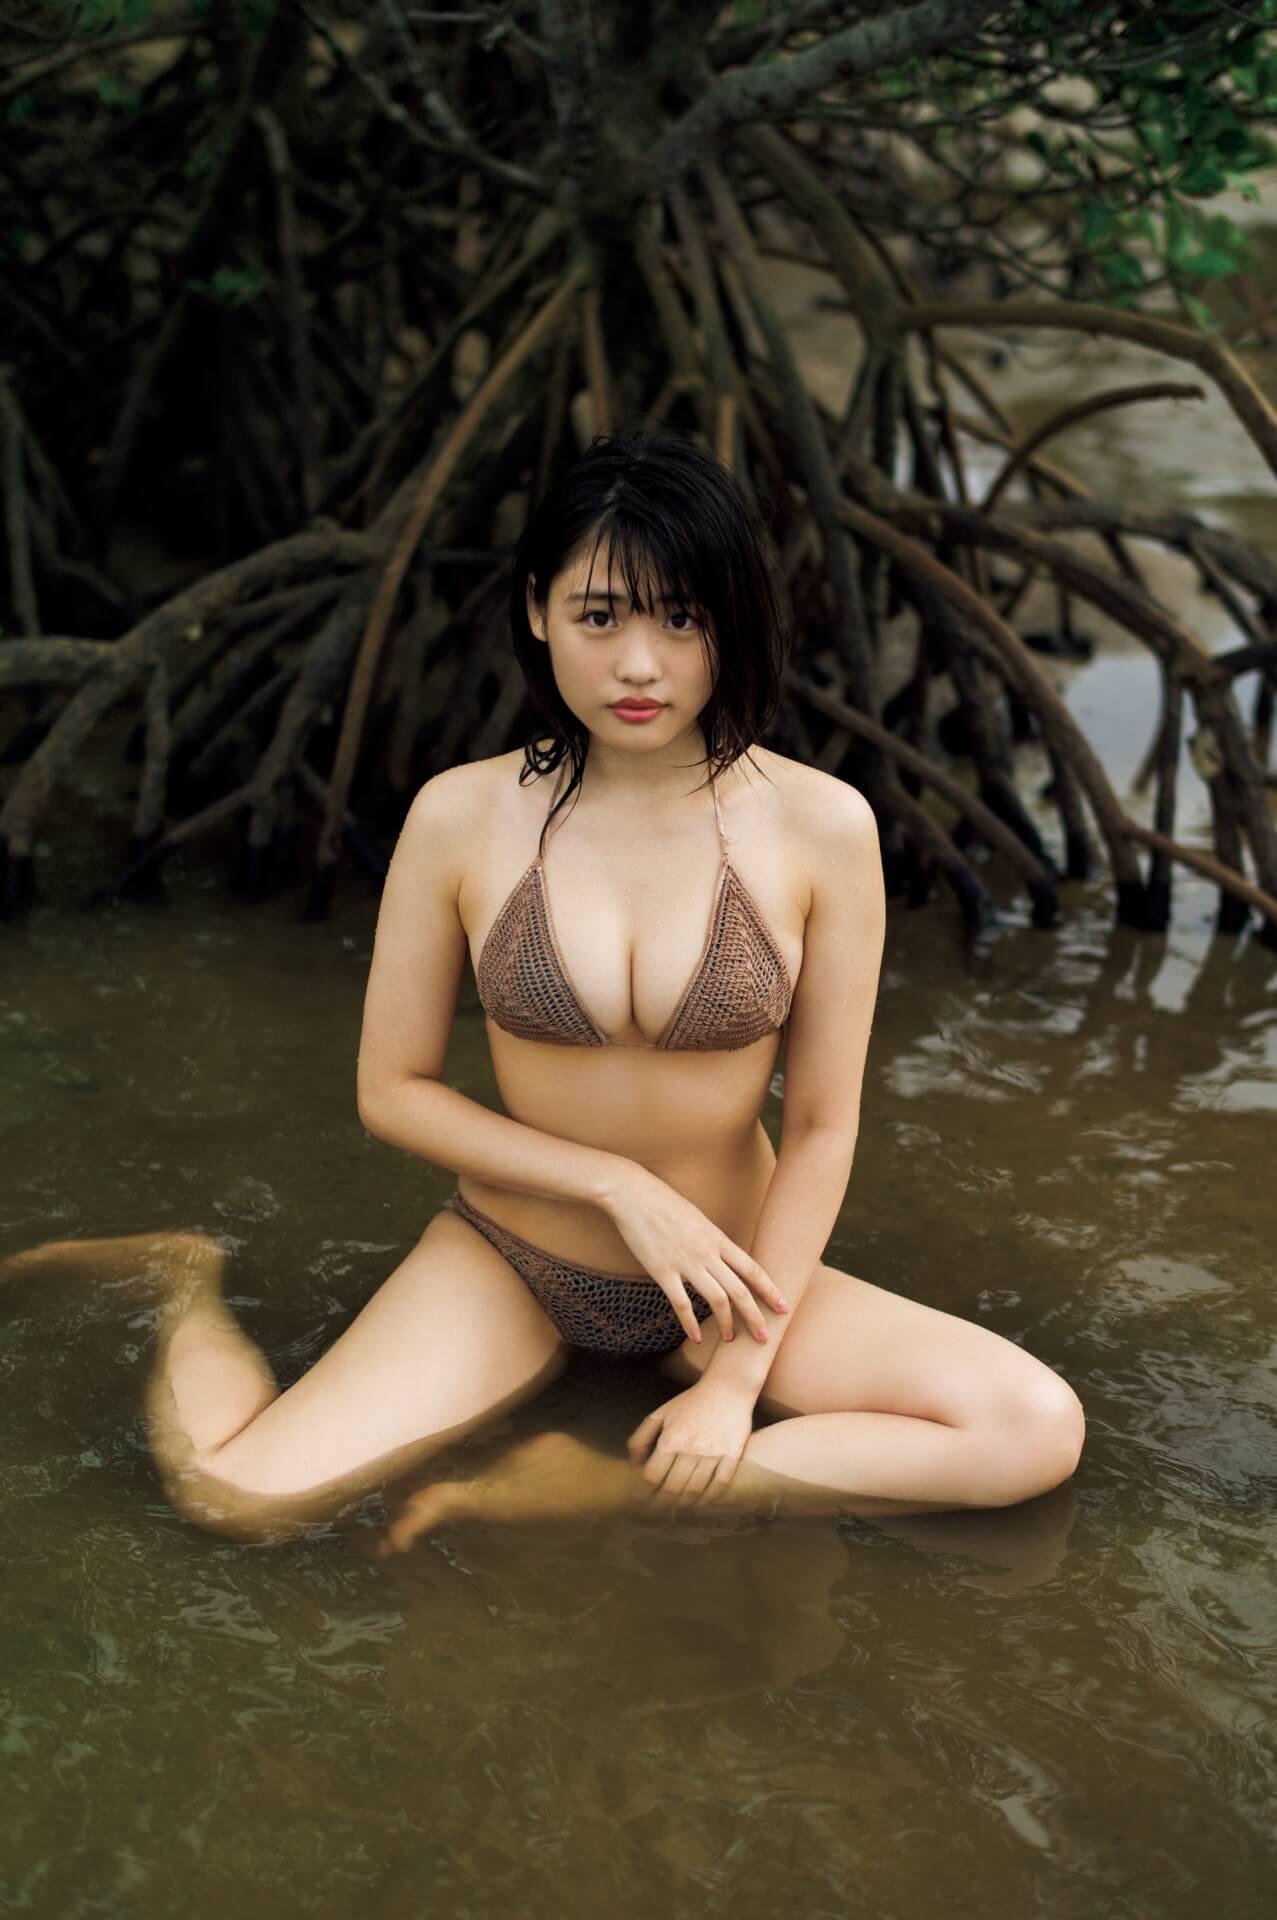 初のランジェリー姿も披露した石田桃香の1st写真集『MOMOKA』発売記念ネットサイン会が開催決定! art210217_ishidamomoka_1